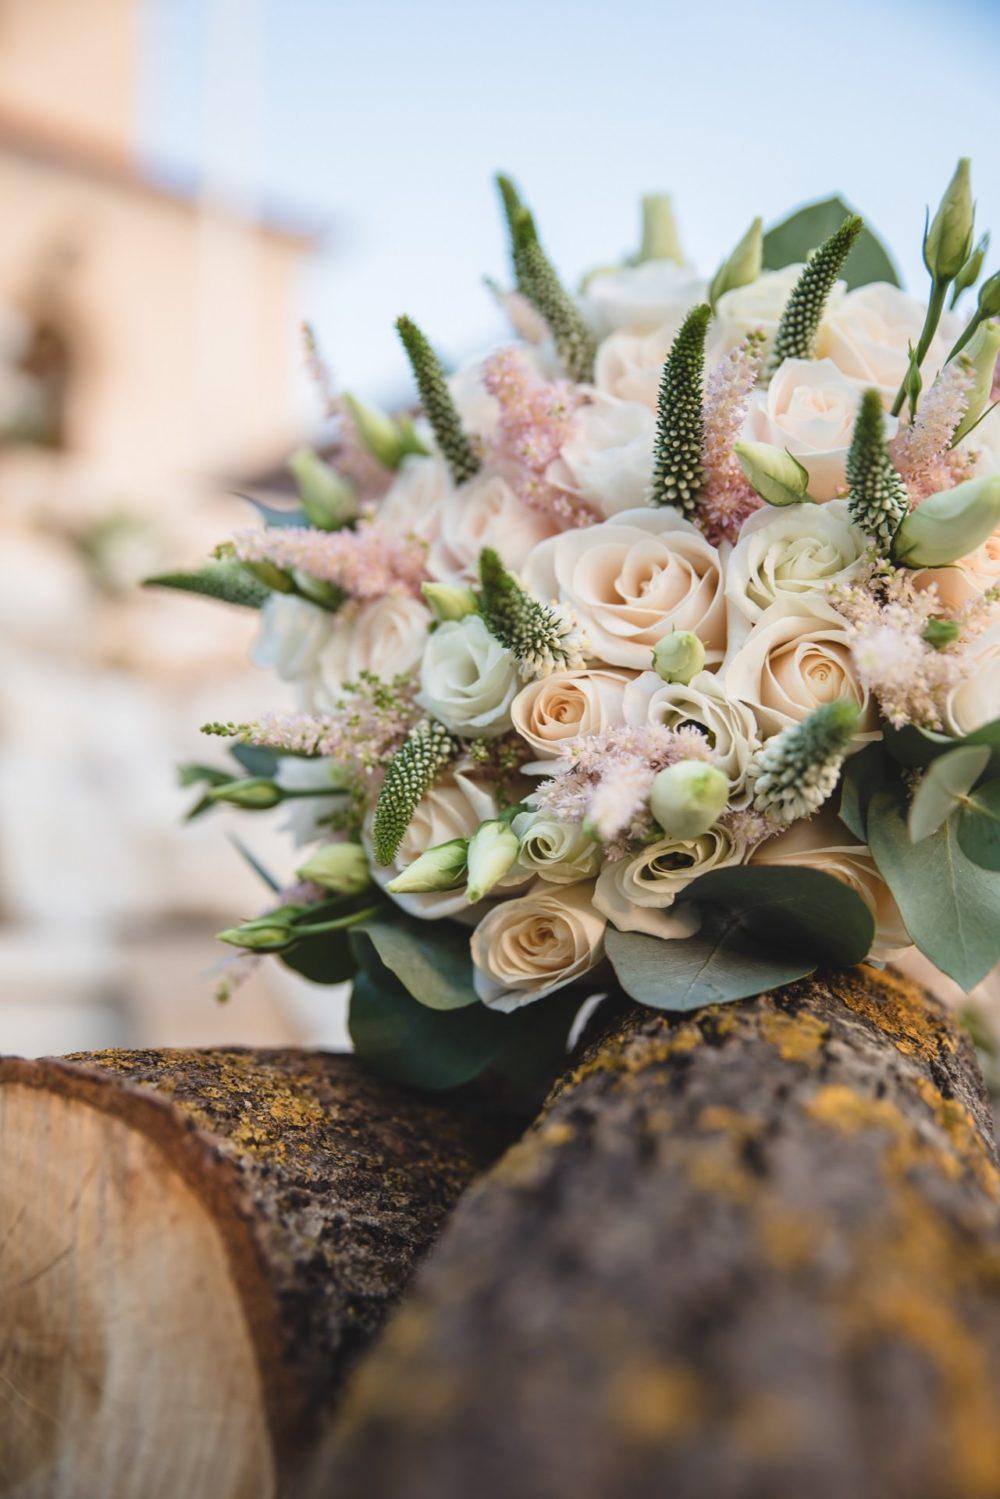 Fotografisi Gamou Wedding Gamos Fotografos Ilias & Dimitra040